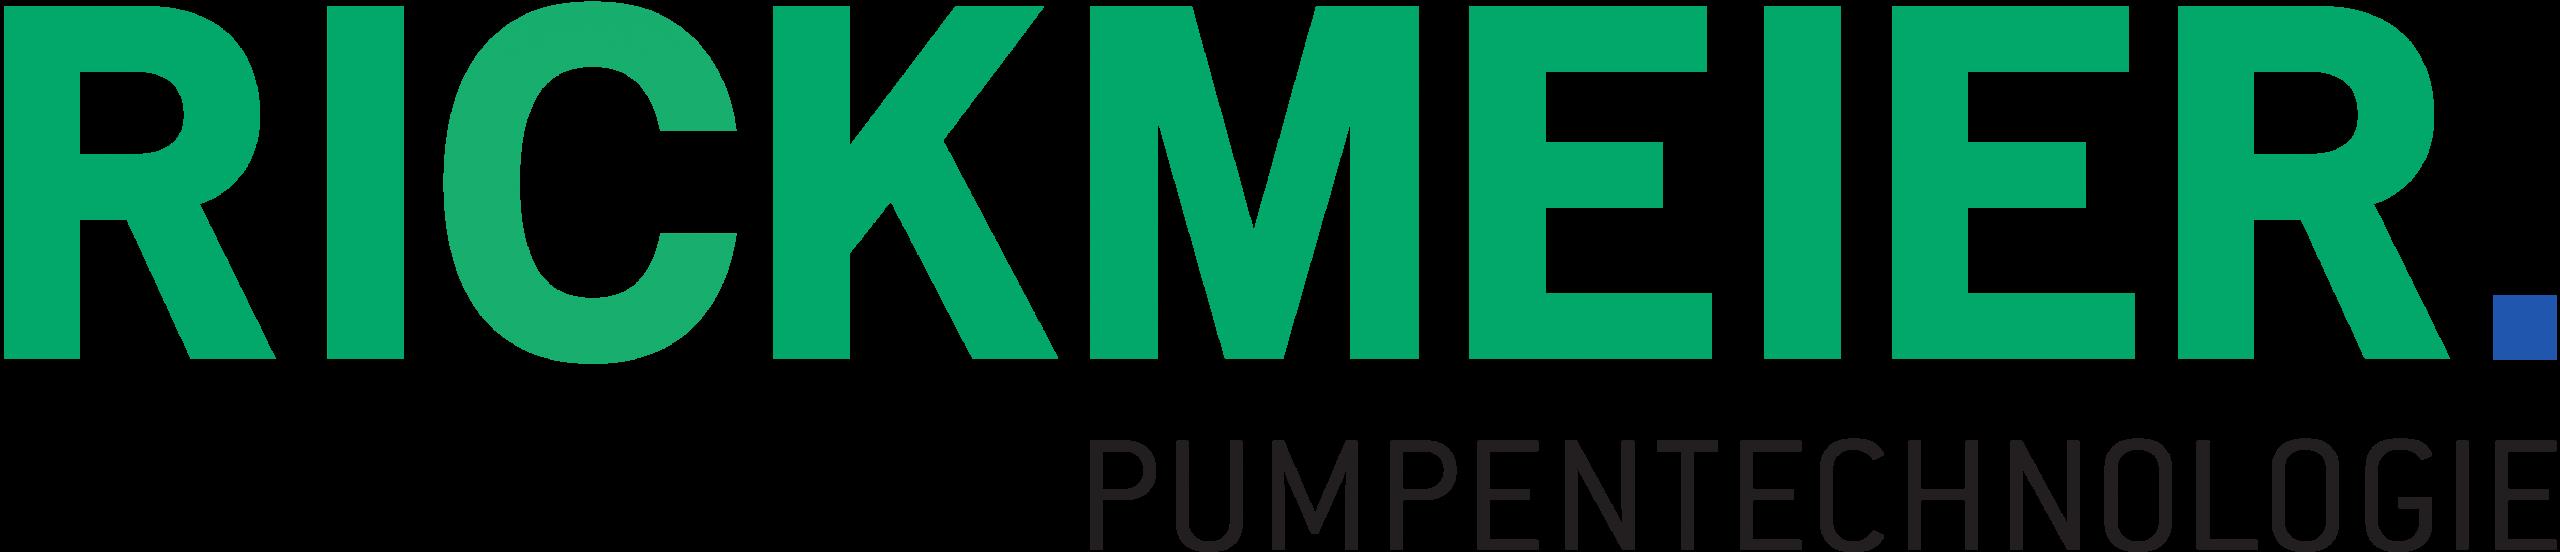 logo_rickmeier_2014_offiziell-scaled